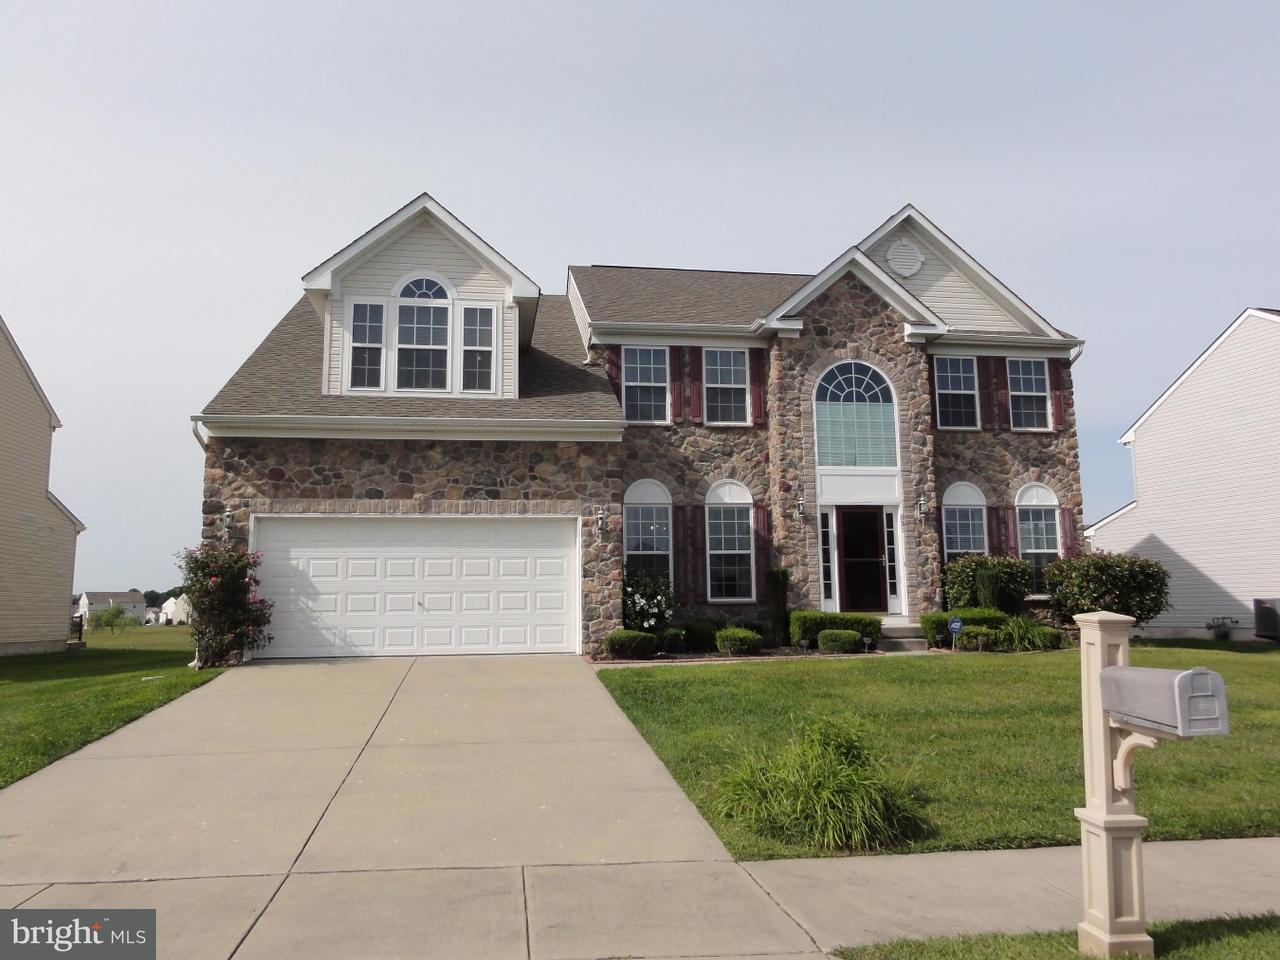 단독 가정 주택 용 매매 에 891 WINDROW WAY Magnolia, 델라웨어 19962 미국